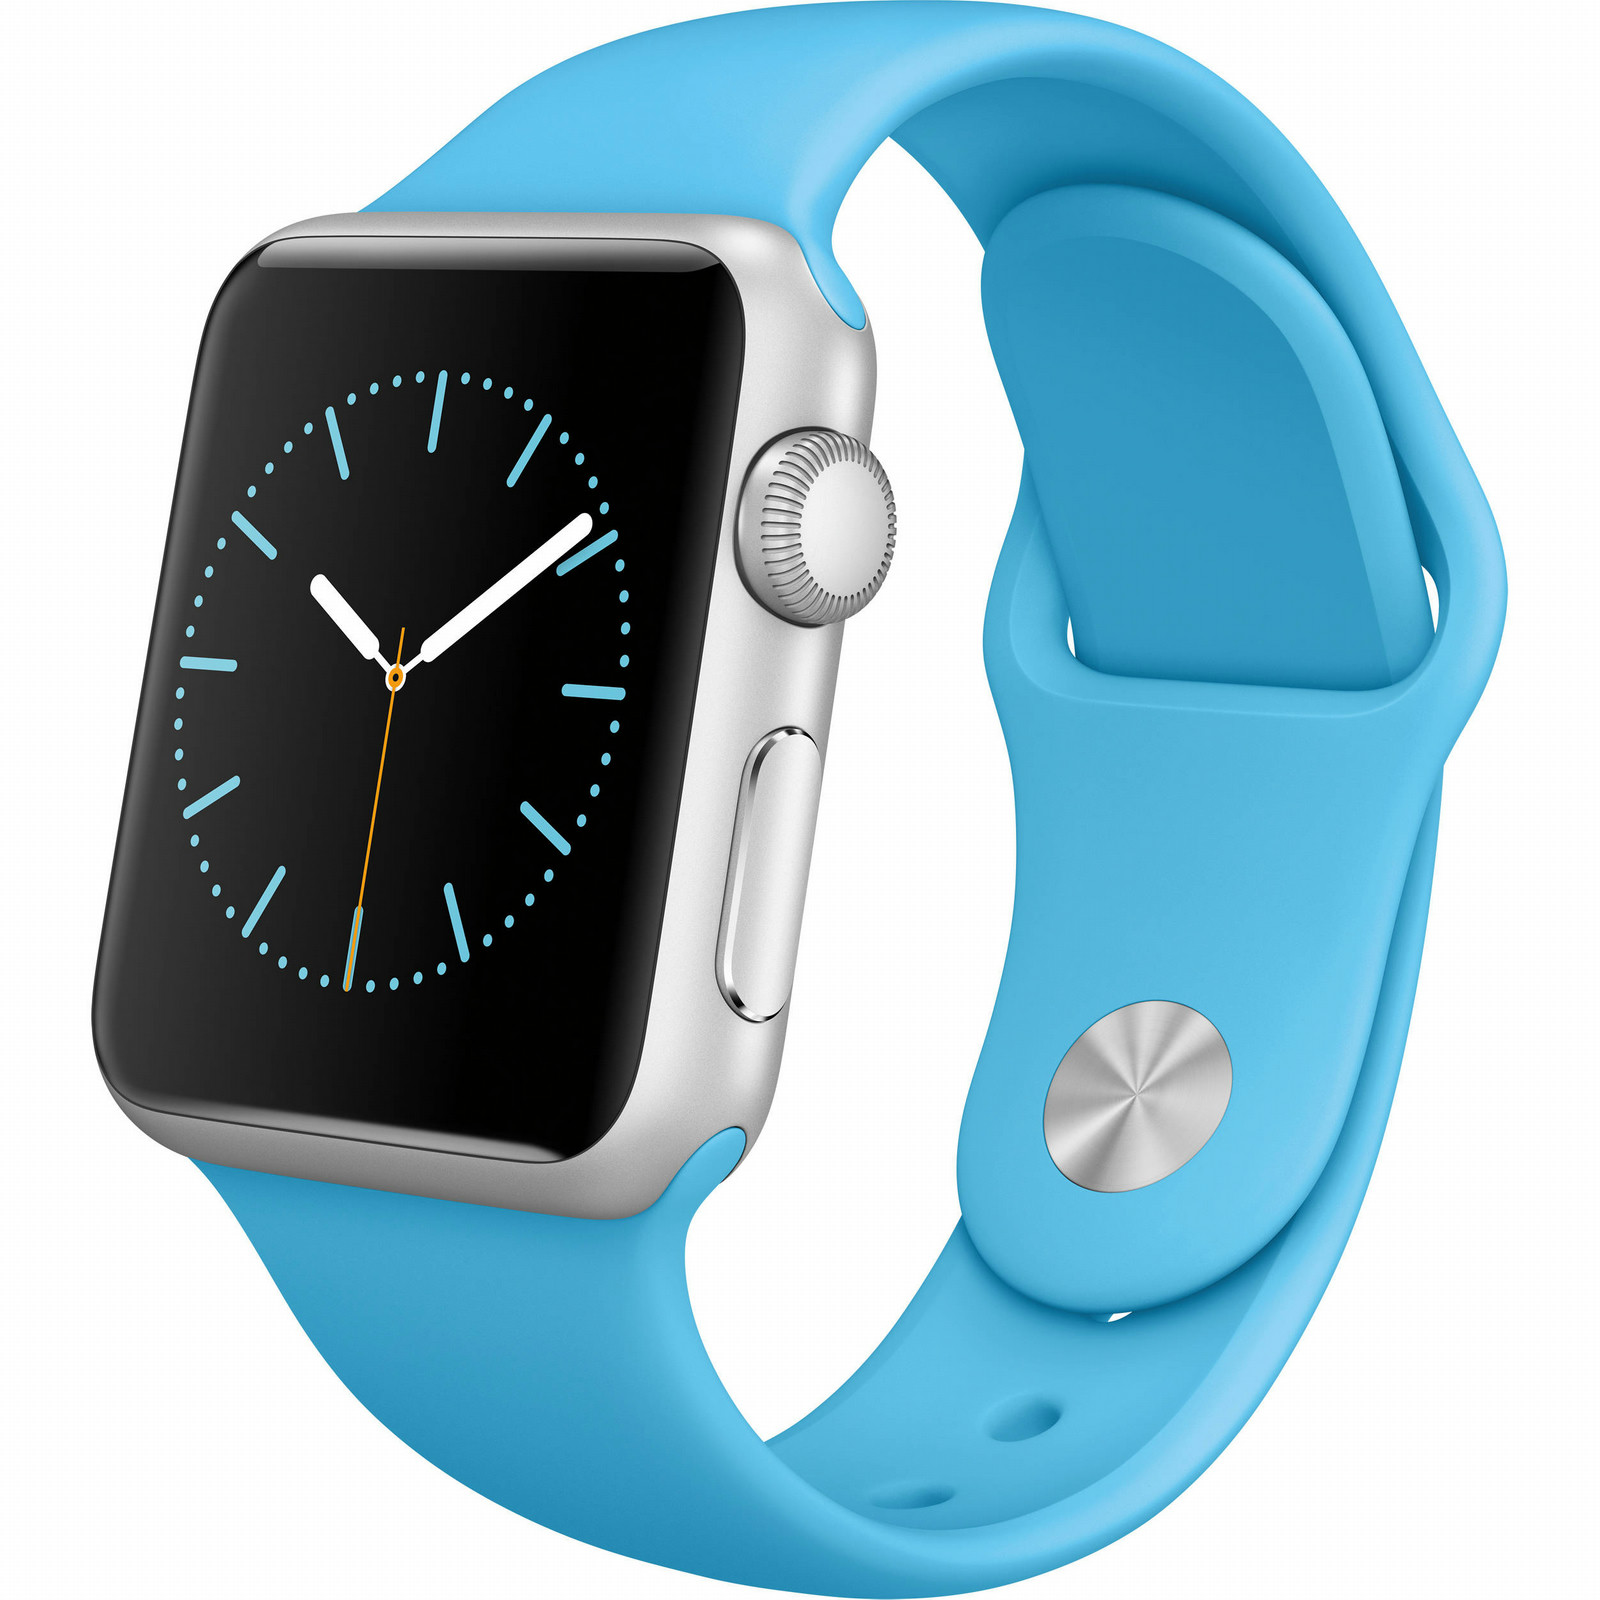 Apple watch series 3 и series 4 водонепроницаемы на глубине до 50 метров по стандарту iso это означает, что их можно использовать при неглубоких погружениях, таких как плавание в бассейне или море.